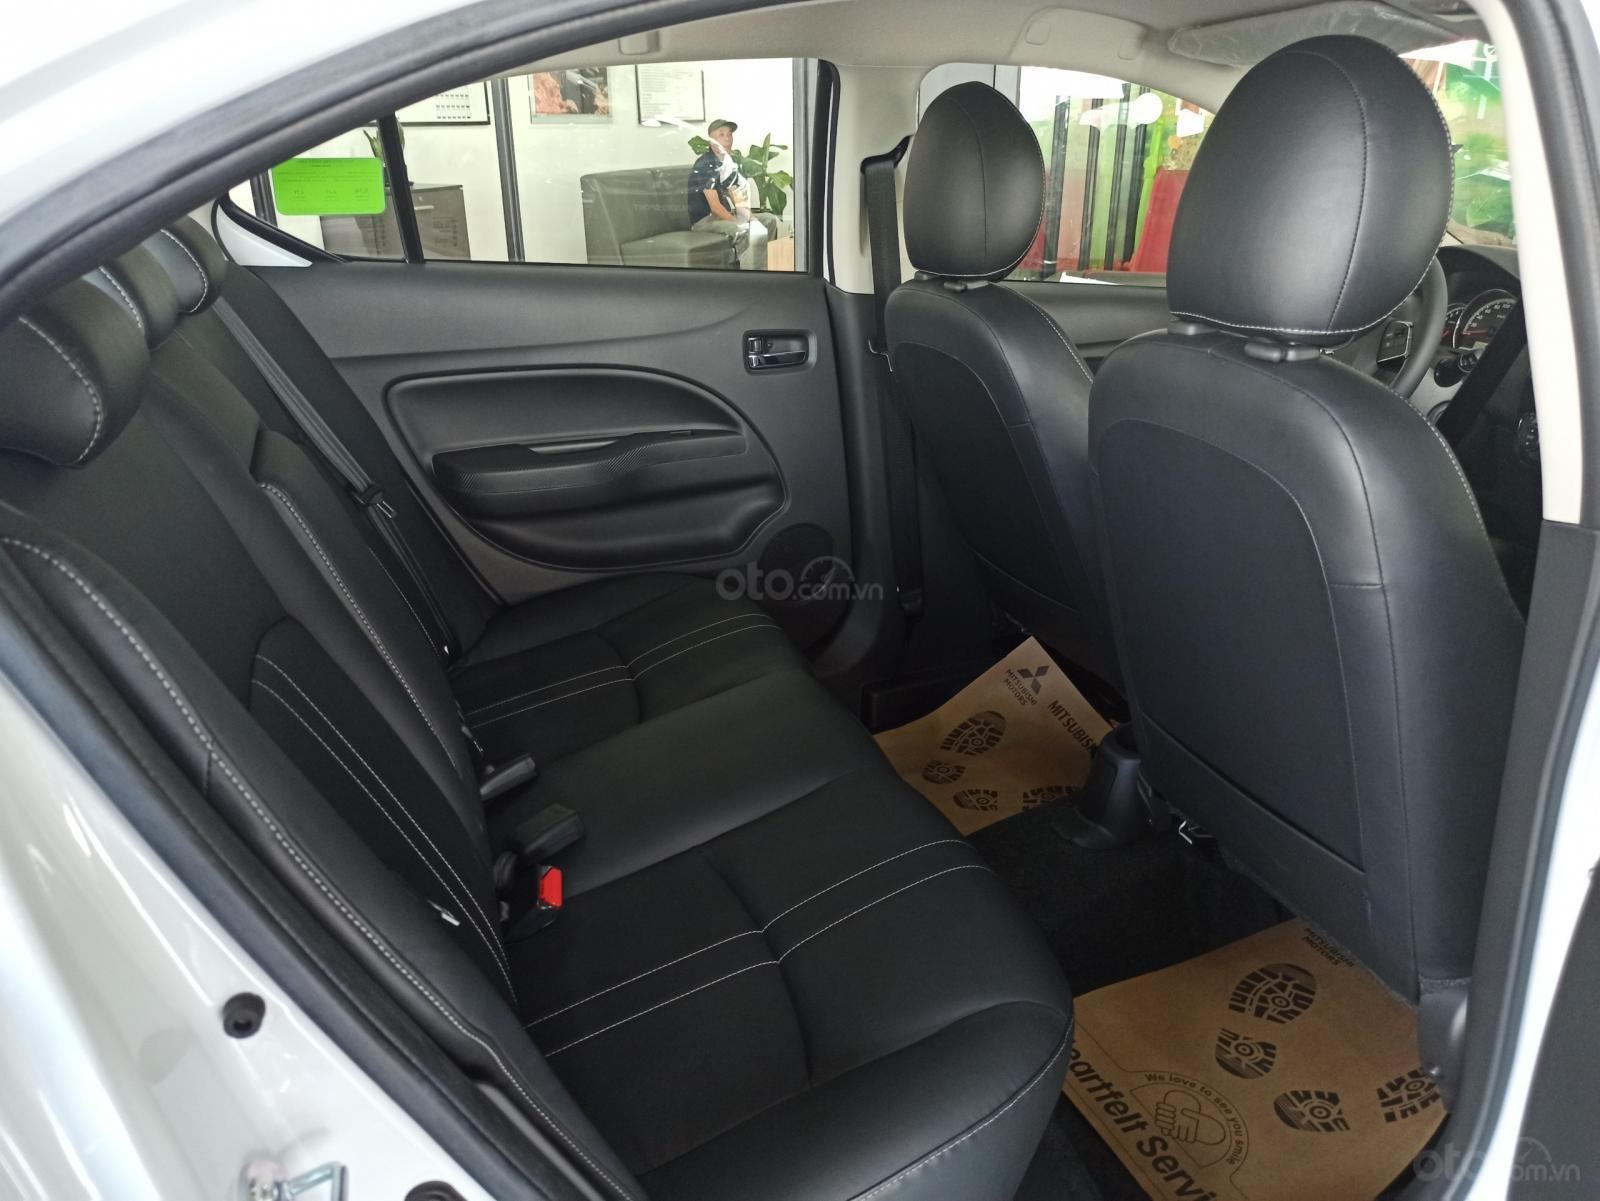 [Hot] Attrage được Mitsubishi tặng 50% thuế trước bạ, chỉ với 100 triệu có xe đi ngay (3)